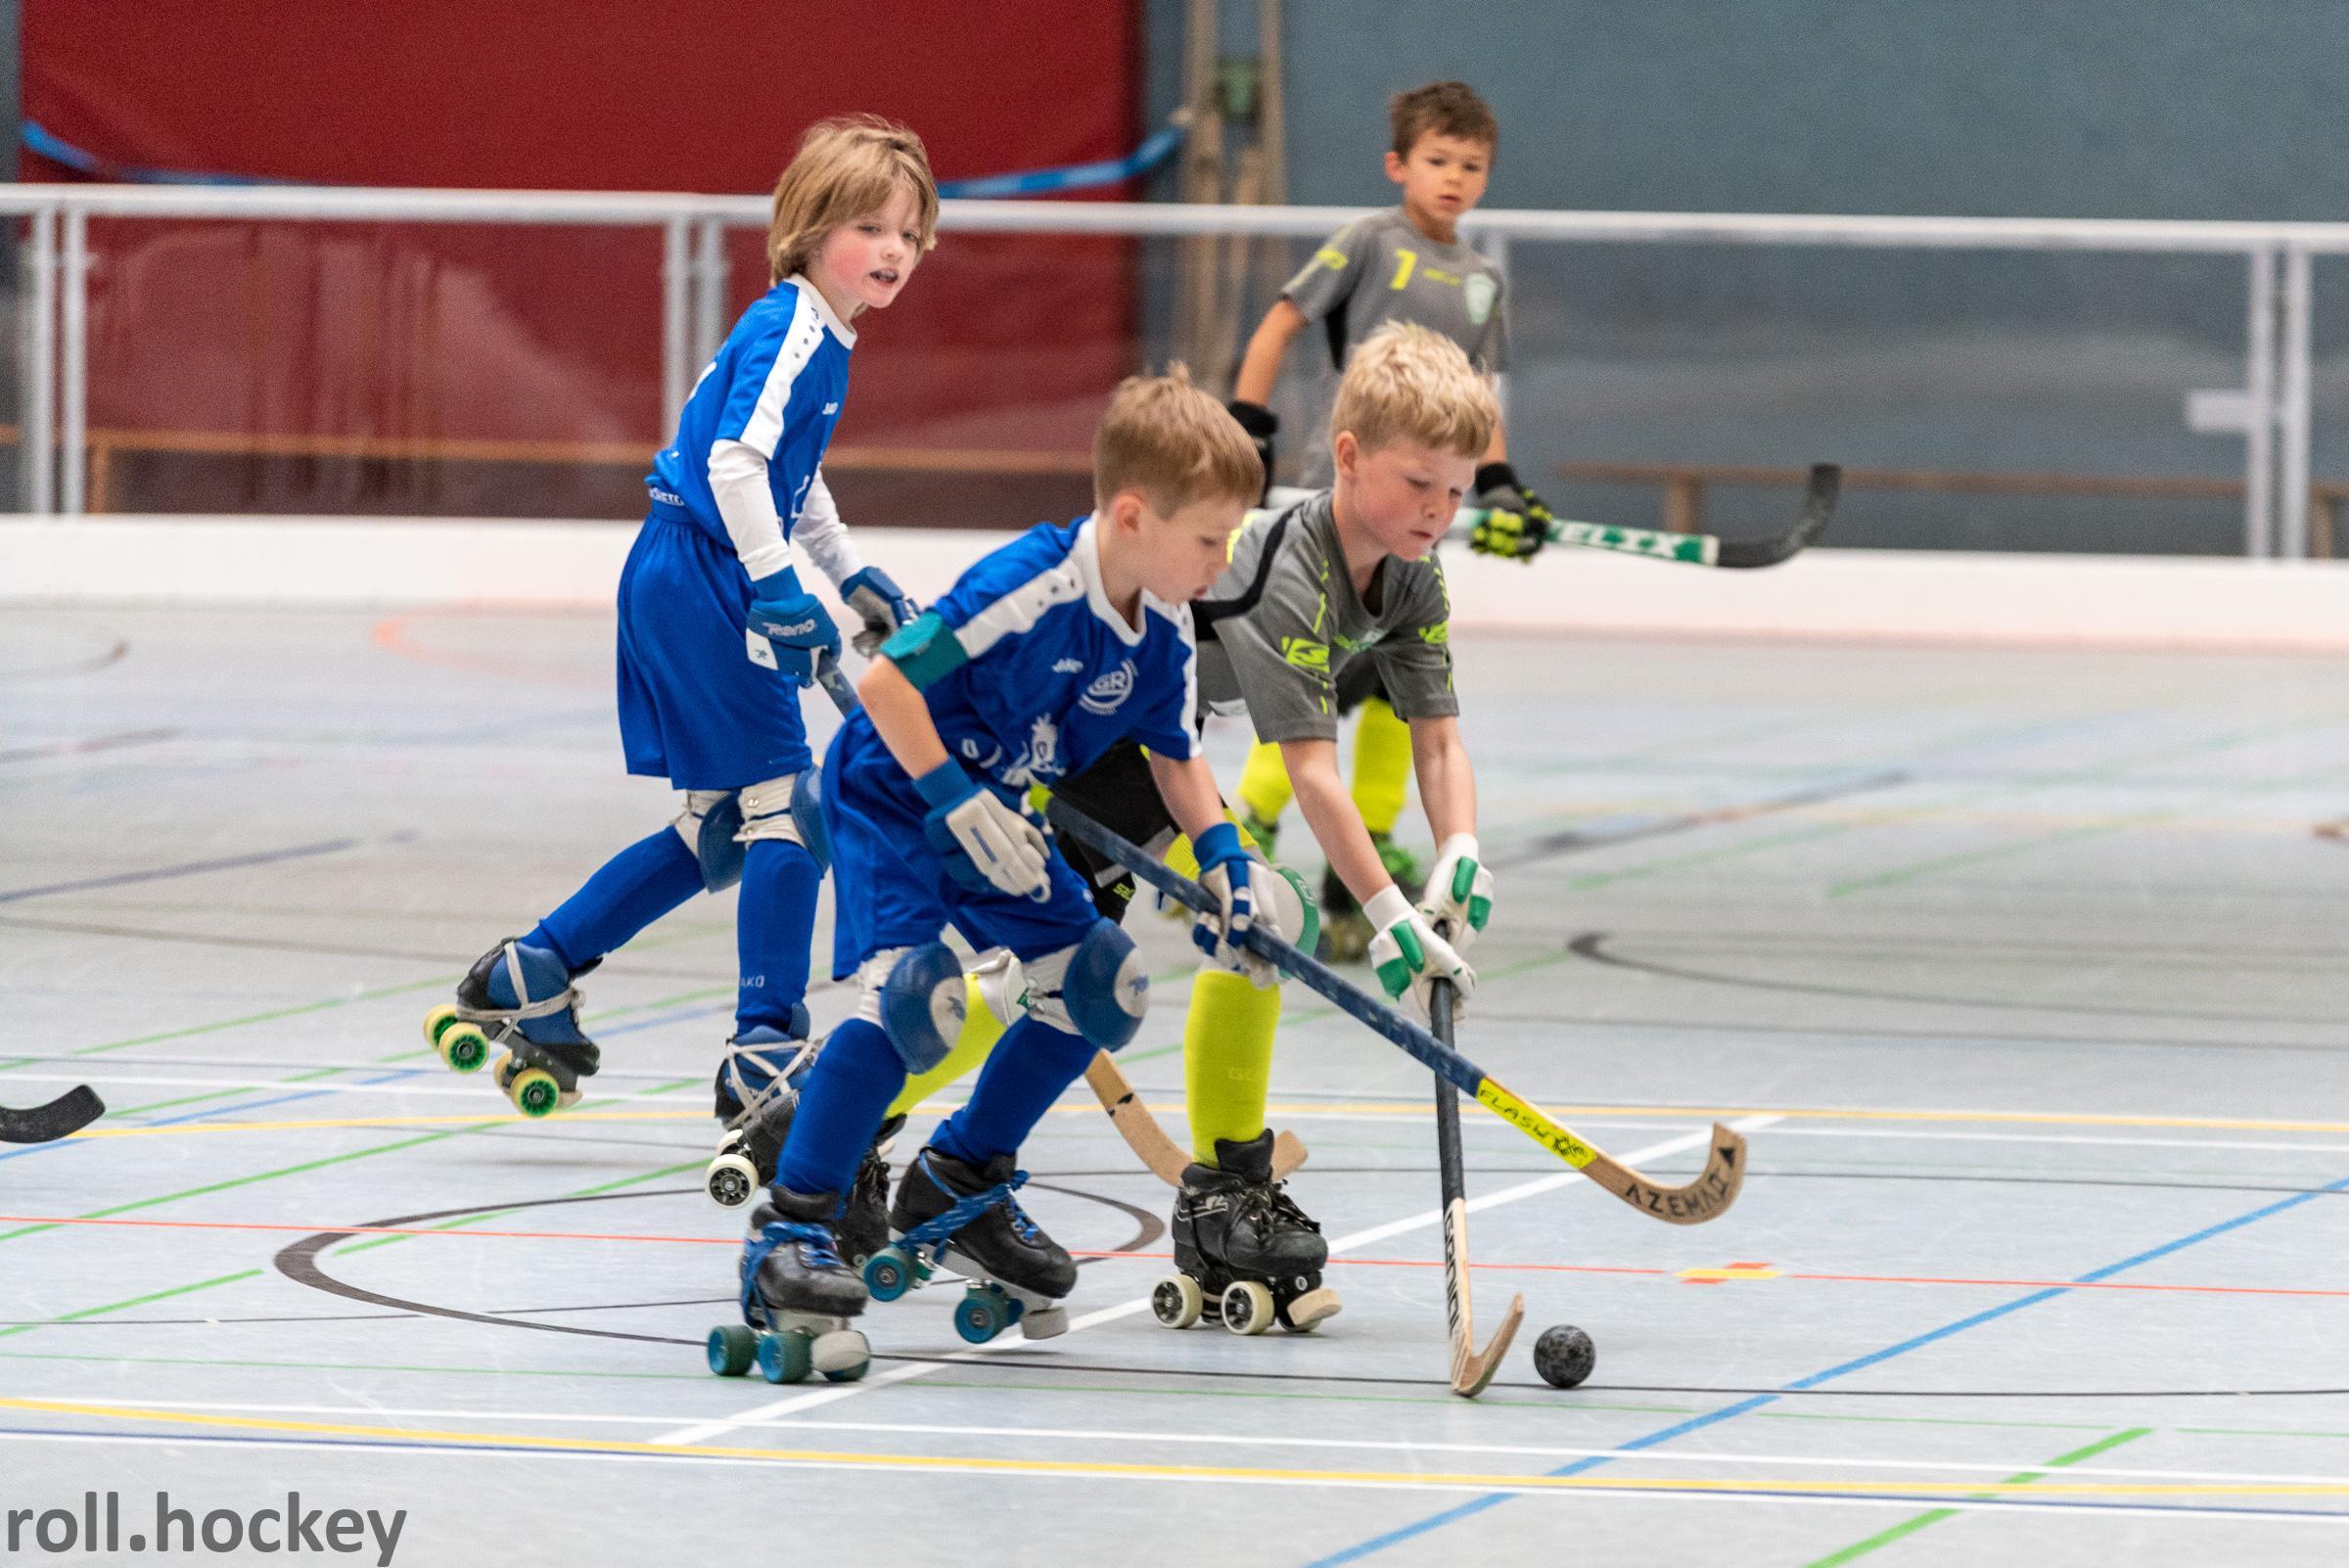 RSC Cronenberg Rollhockey Spieltag U9 01.05.2019